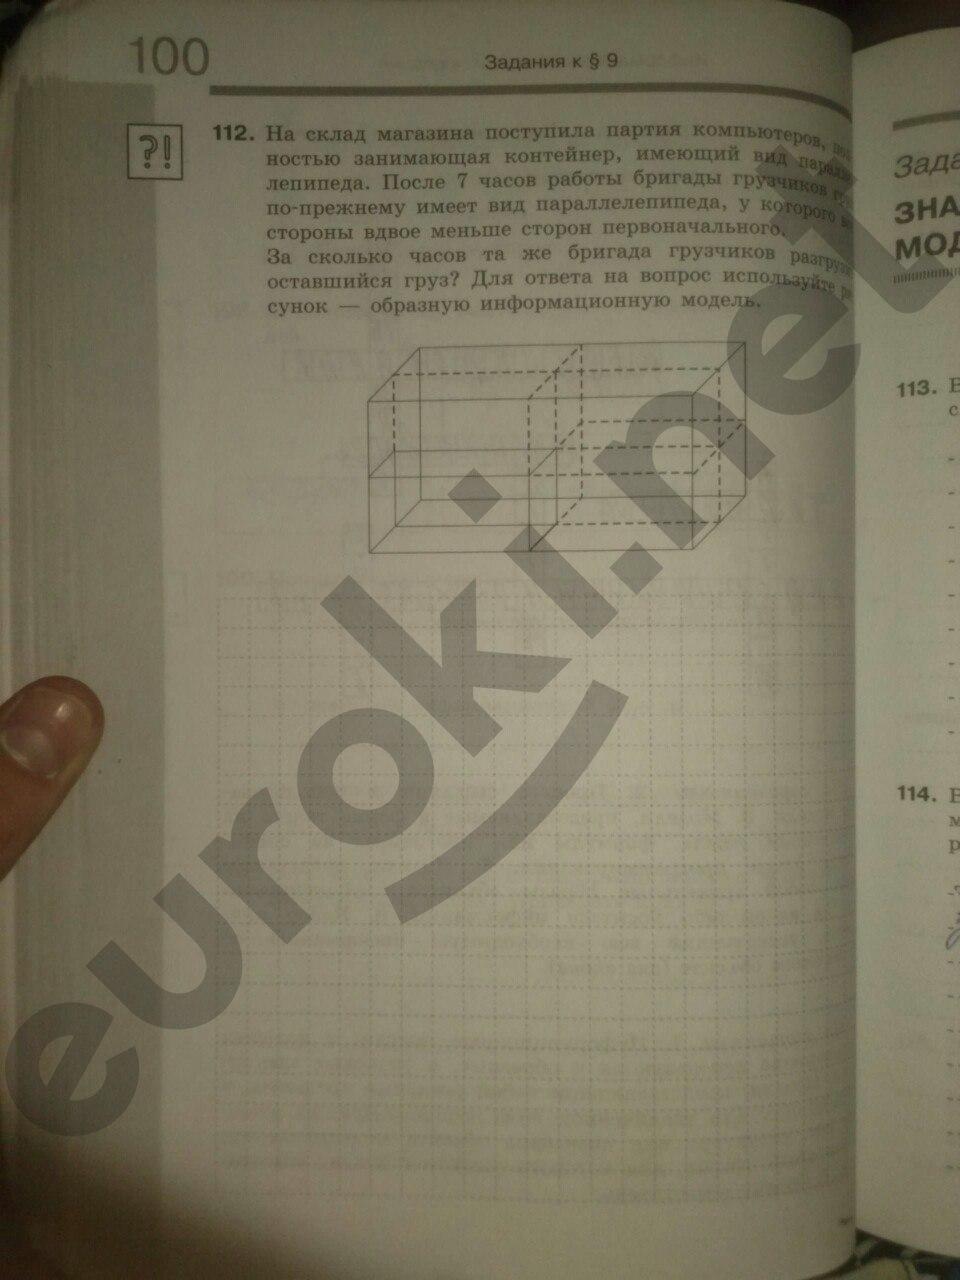 Информатике онлайн рабочая тетрадь босова Решебник по класс 6